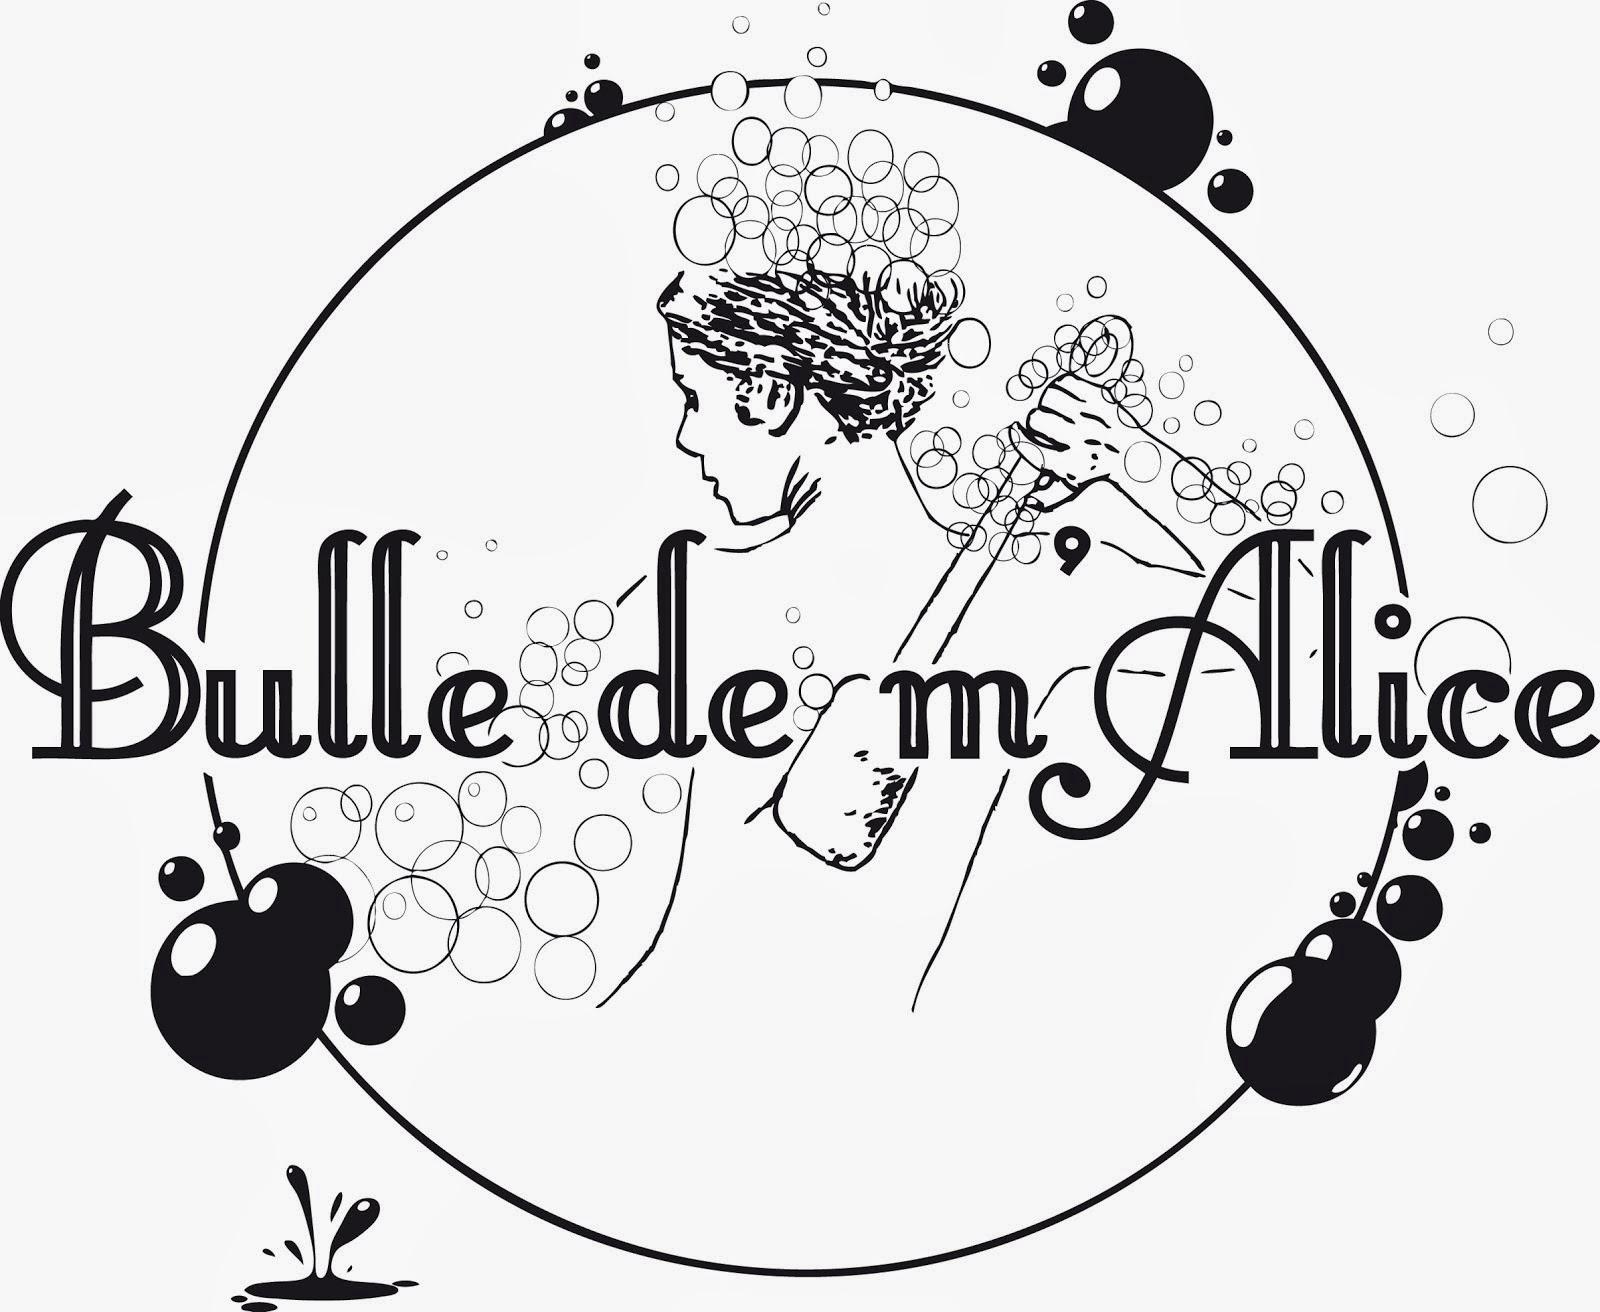 Bulle de m'Alice